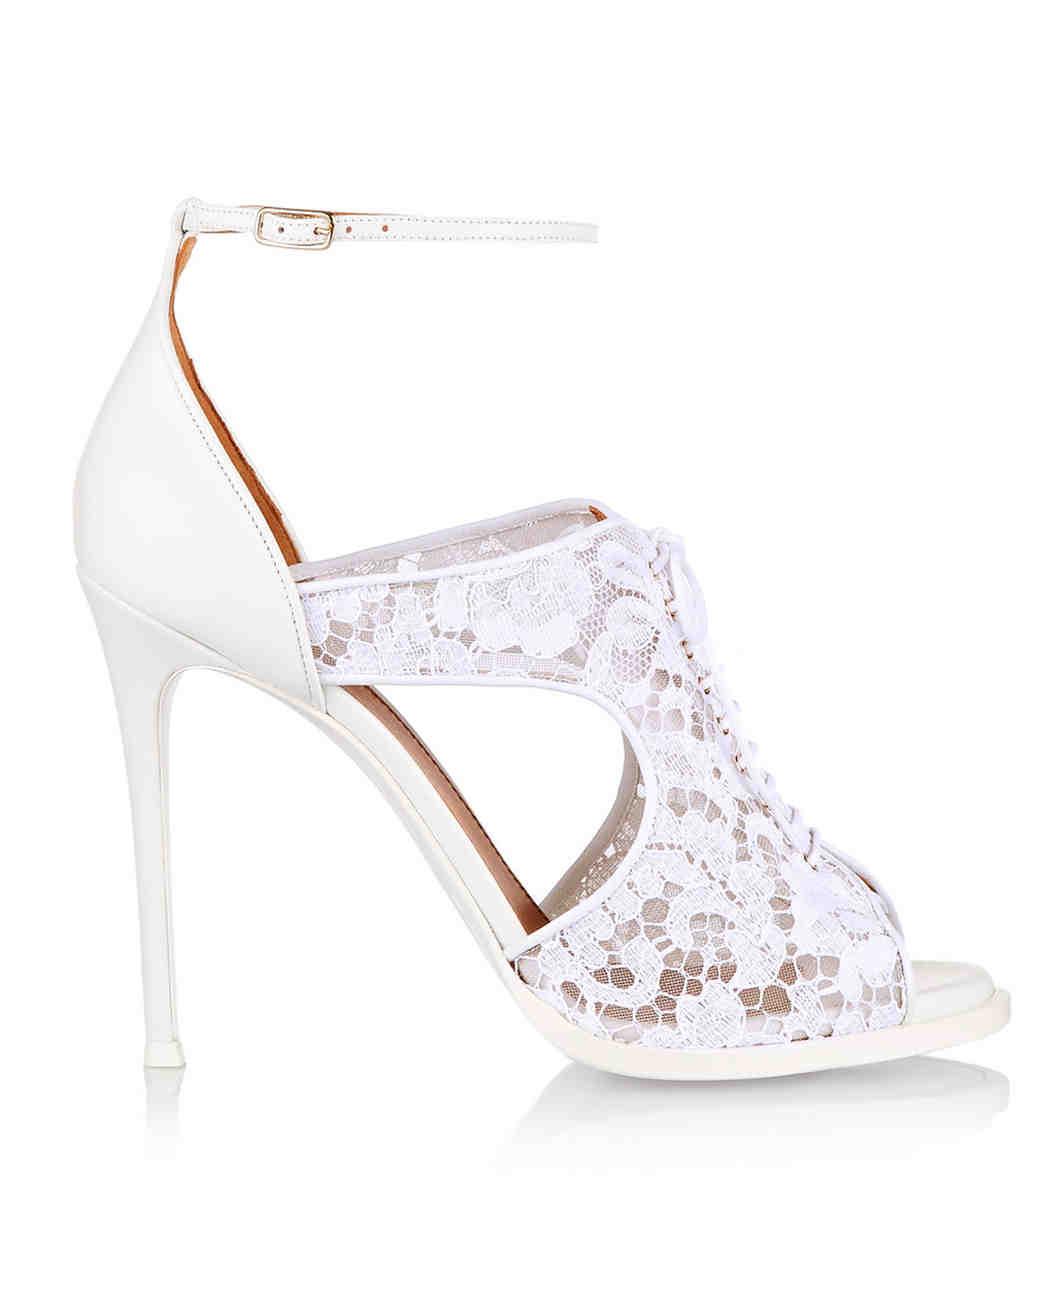 summer-wedding-shoes-givenchy-platform-sandals-0515.jpg